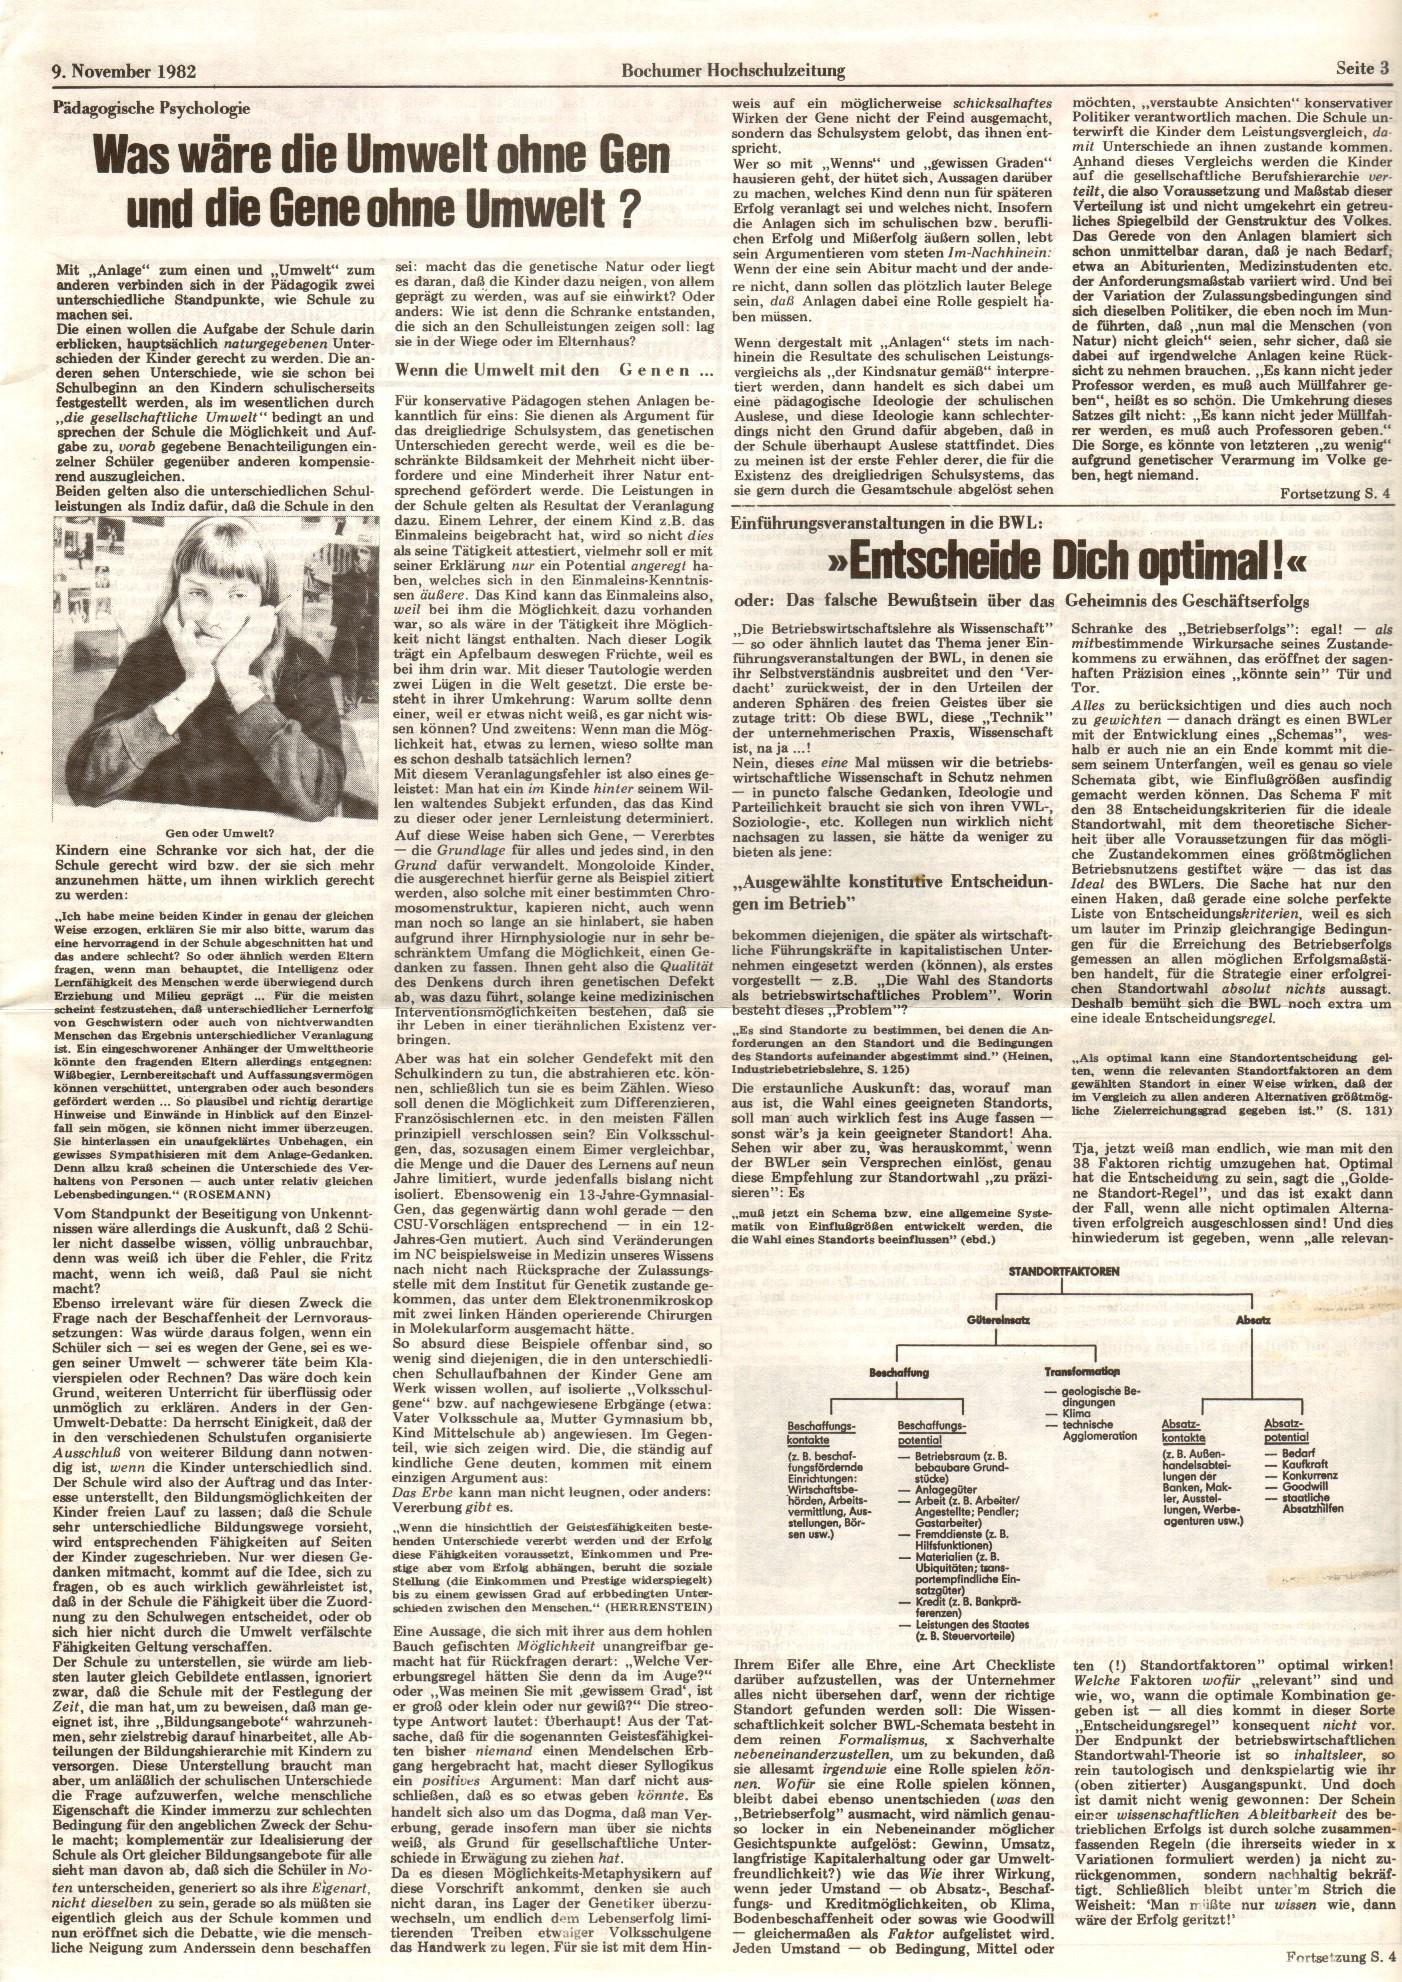 MG_Bochumer_Hochschulzeitung_19821109_03